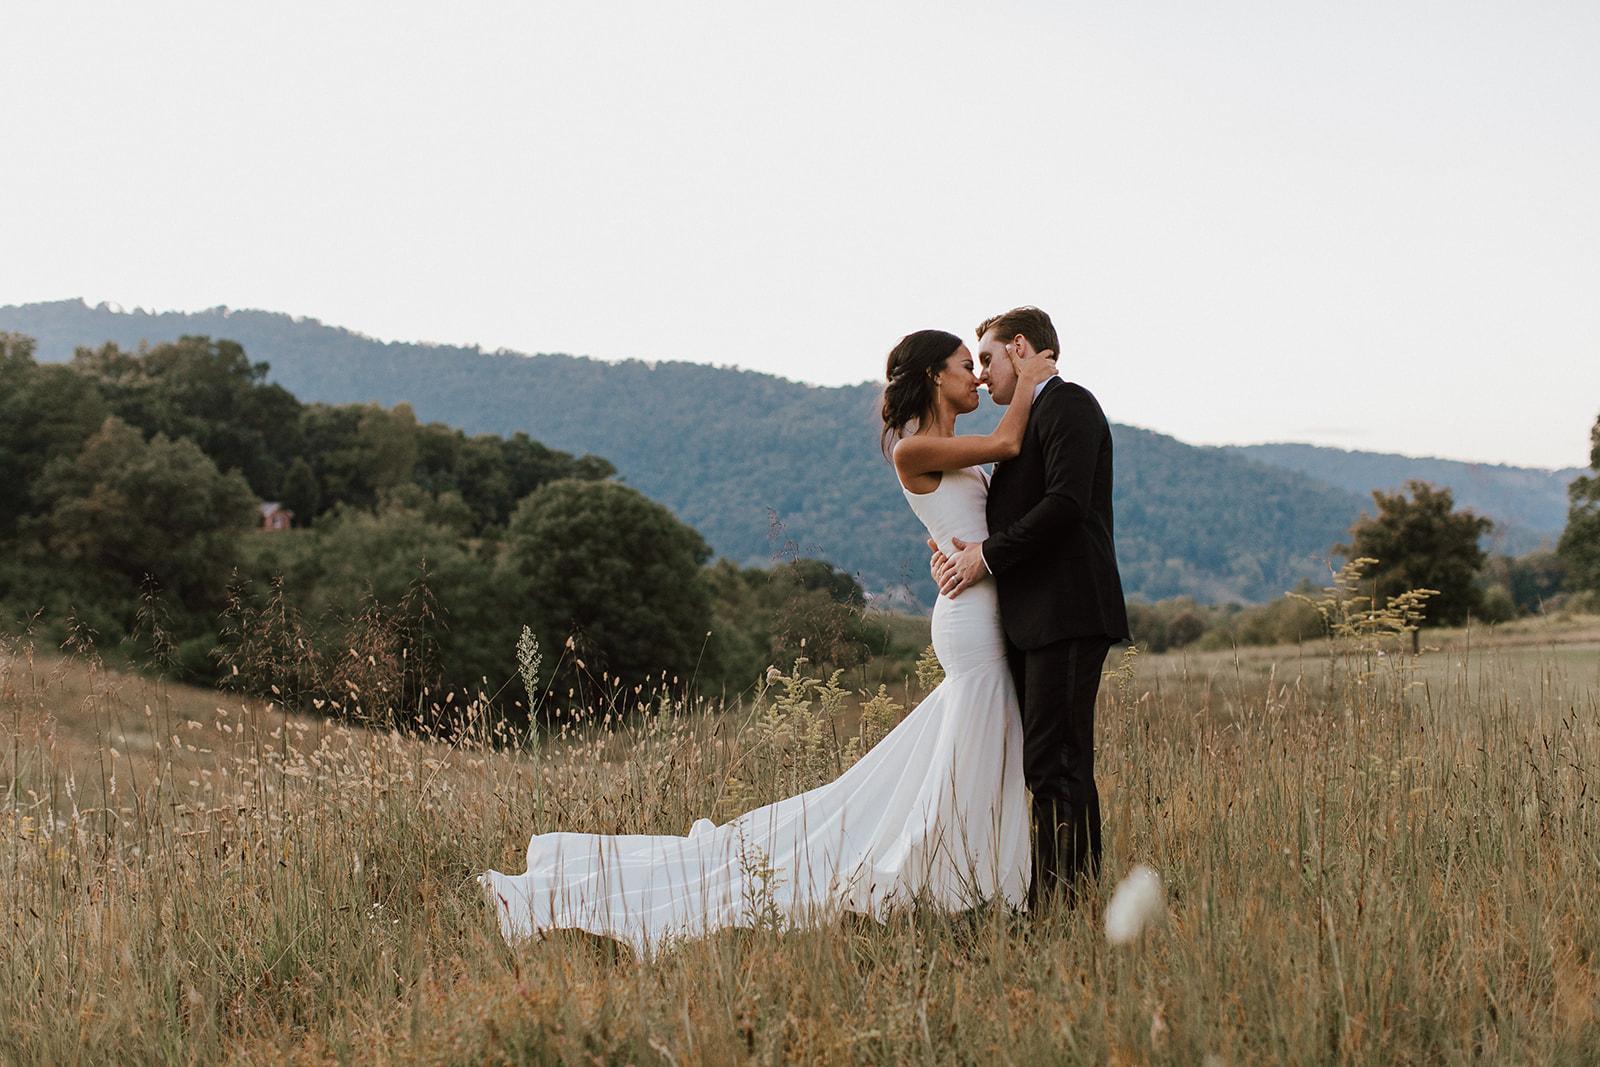 West North Carolina Wedding Venue